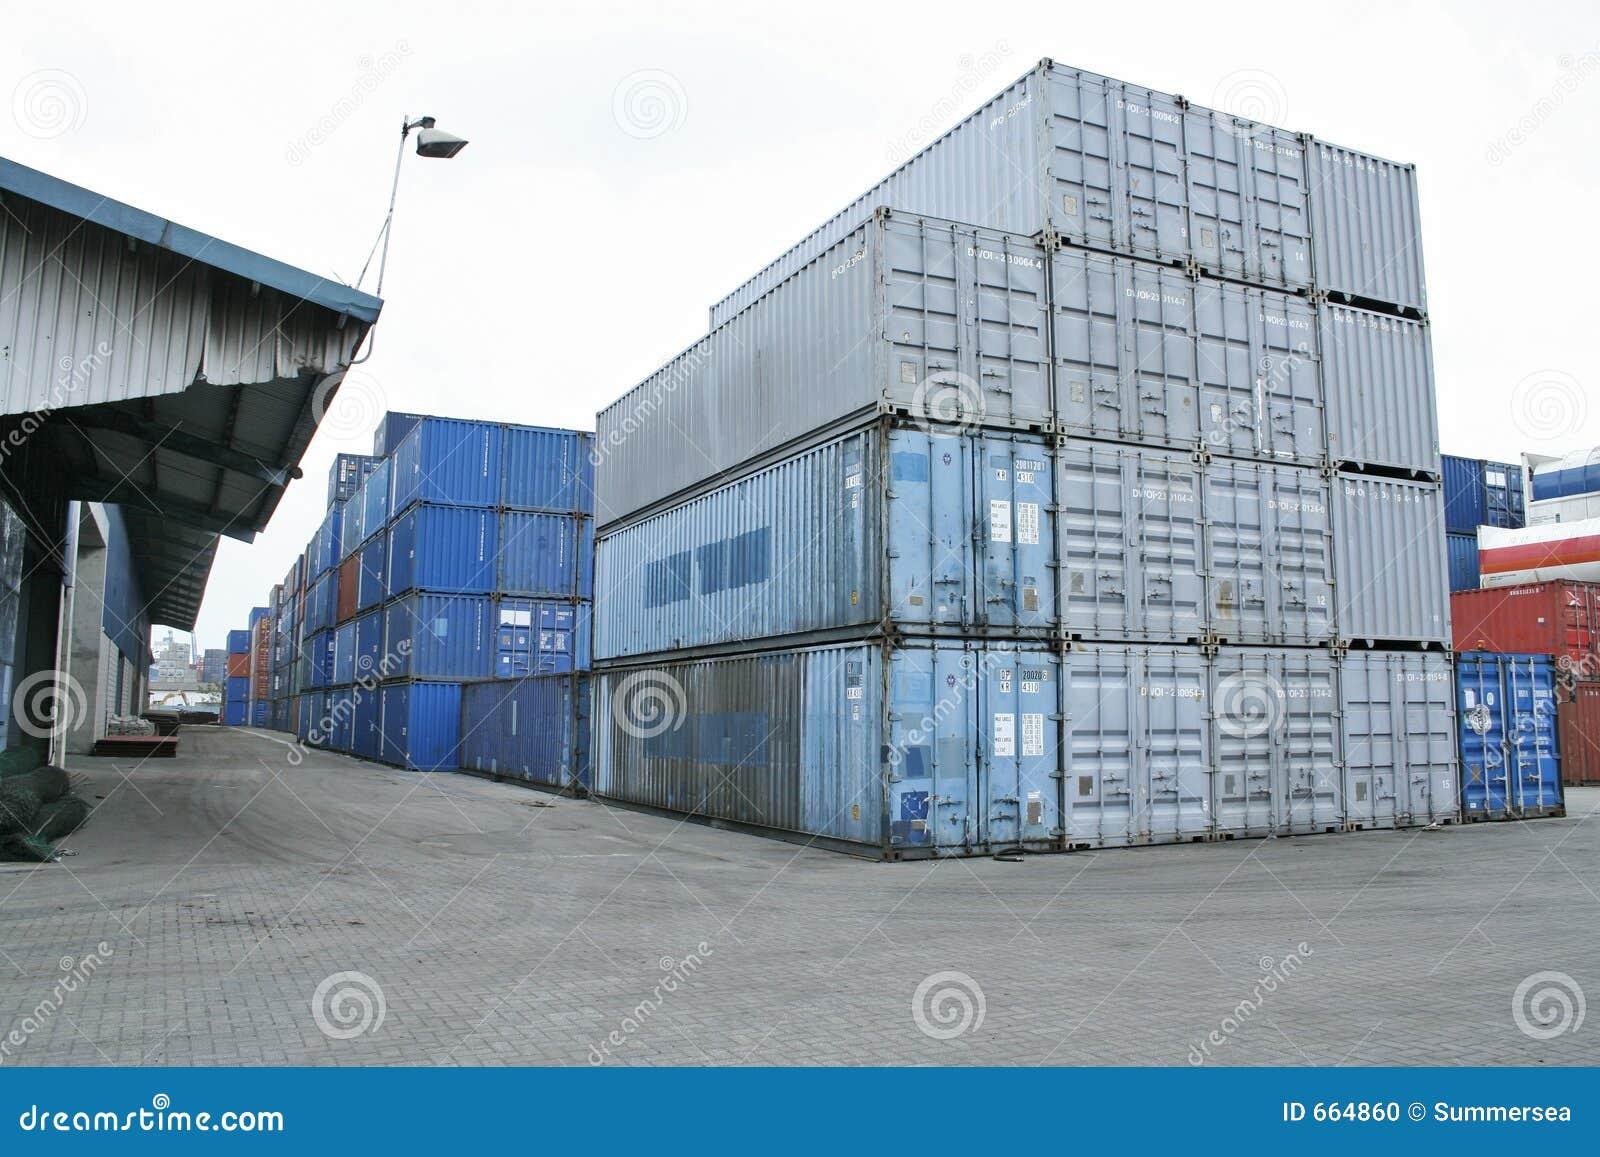 De containers van het pakhuis